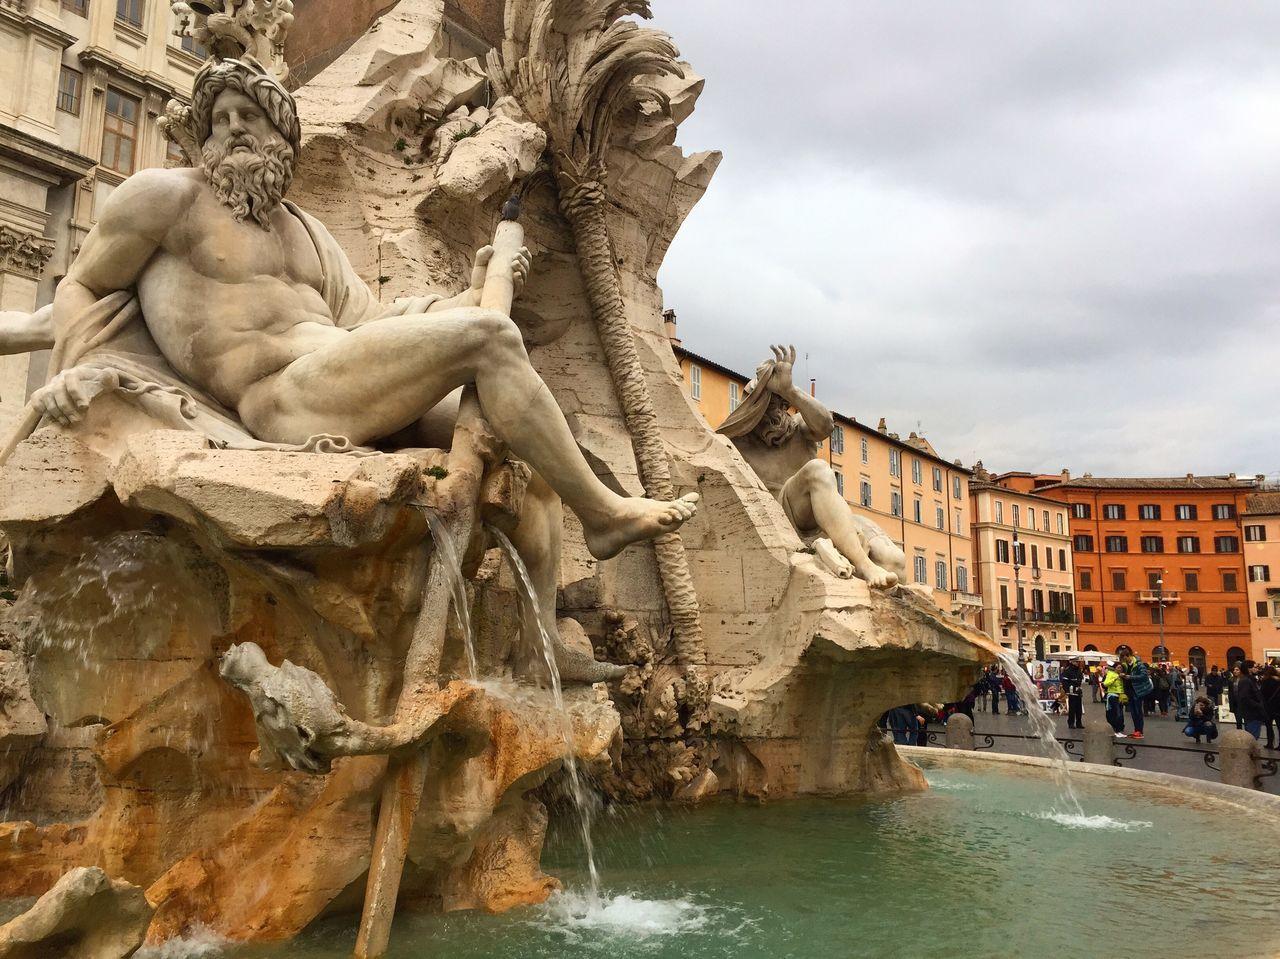 Piazza Navona Rome Rome Italy Piazza Navona Art First Eyeem Photo